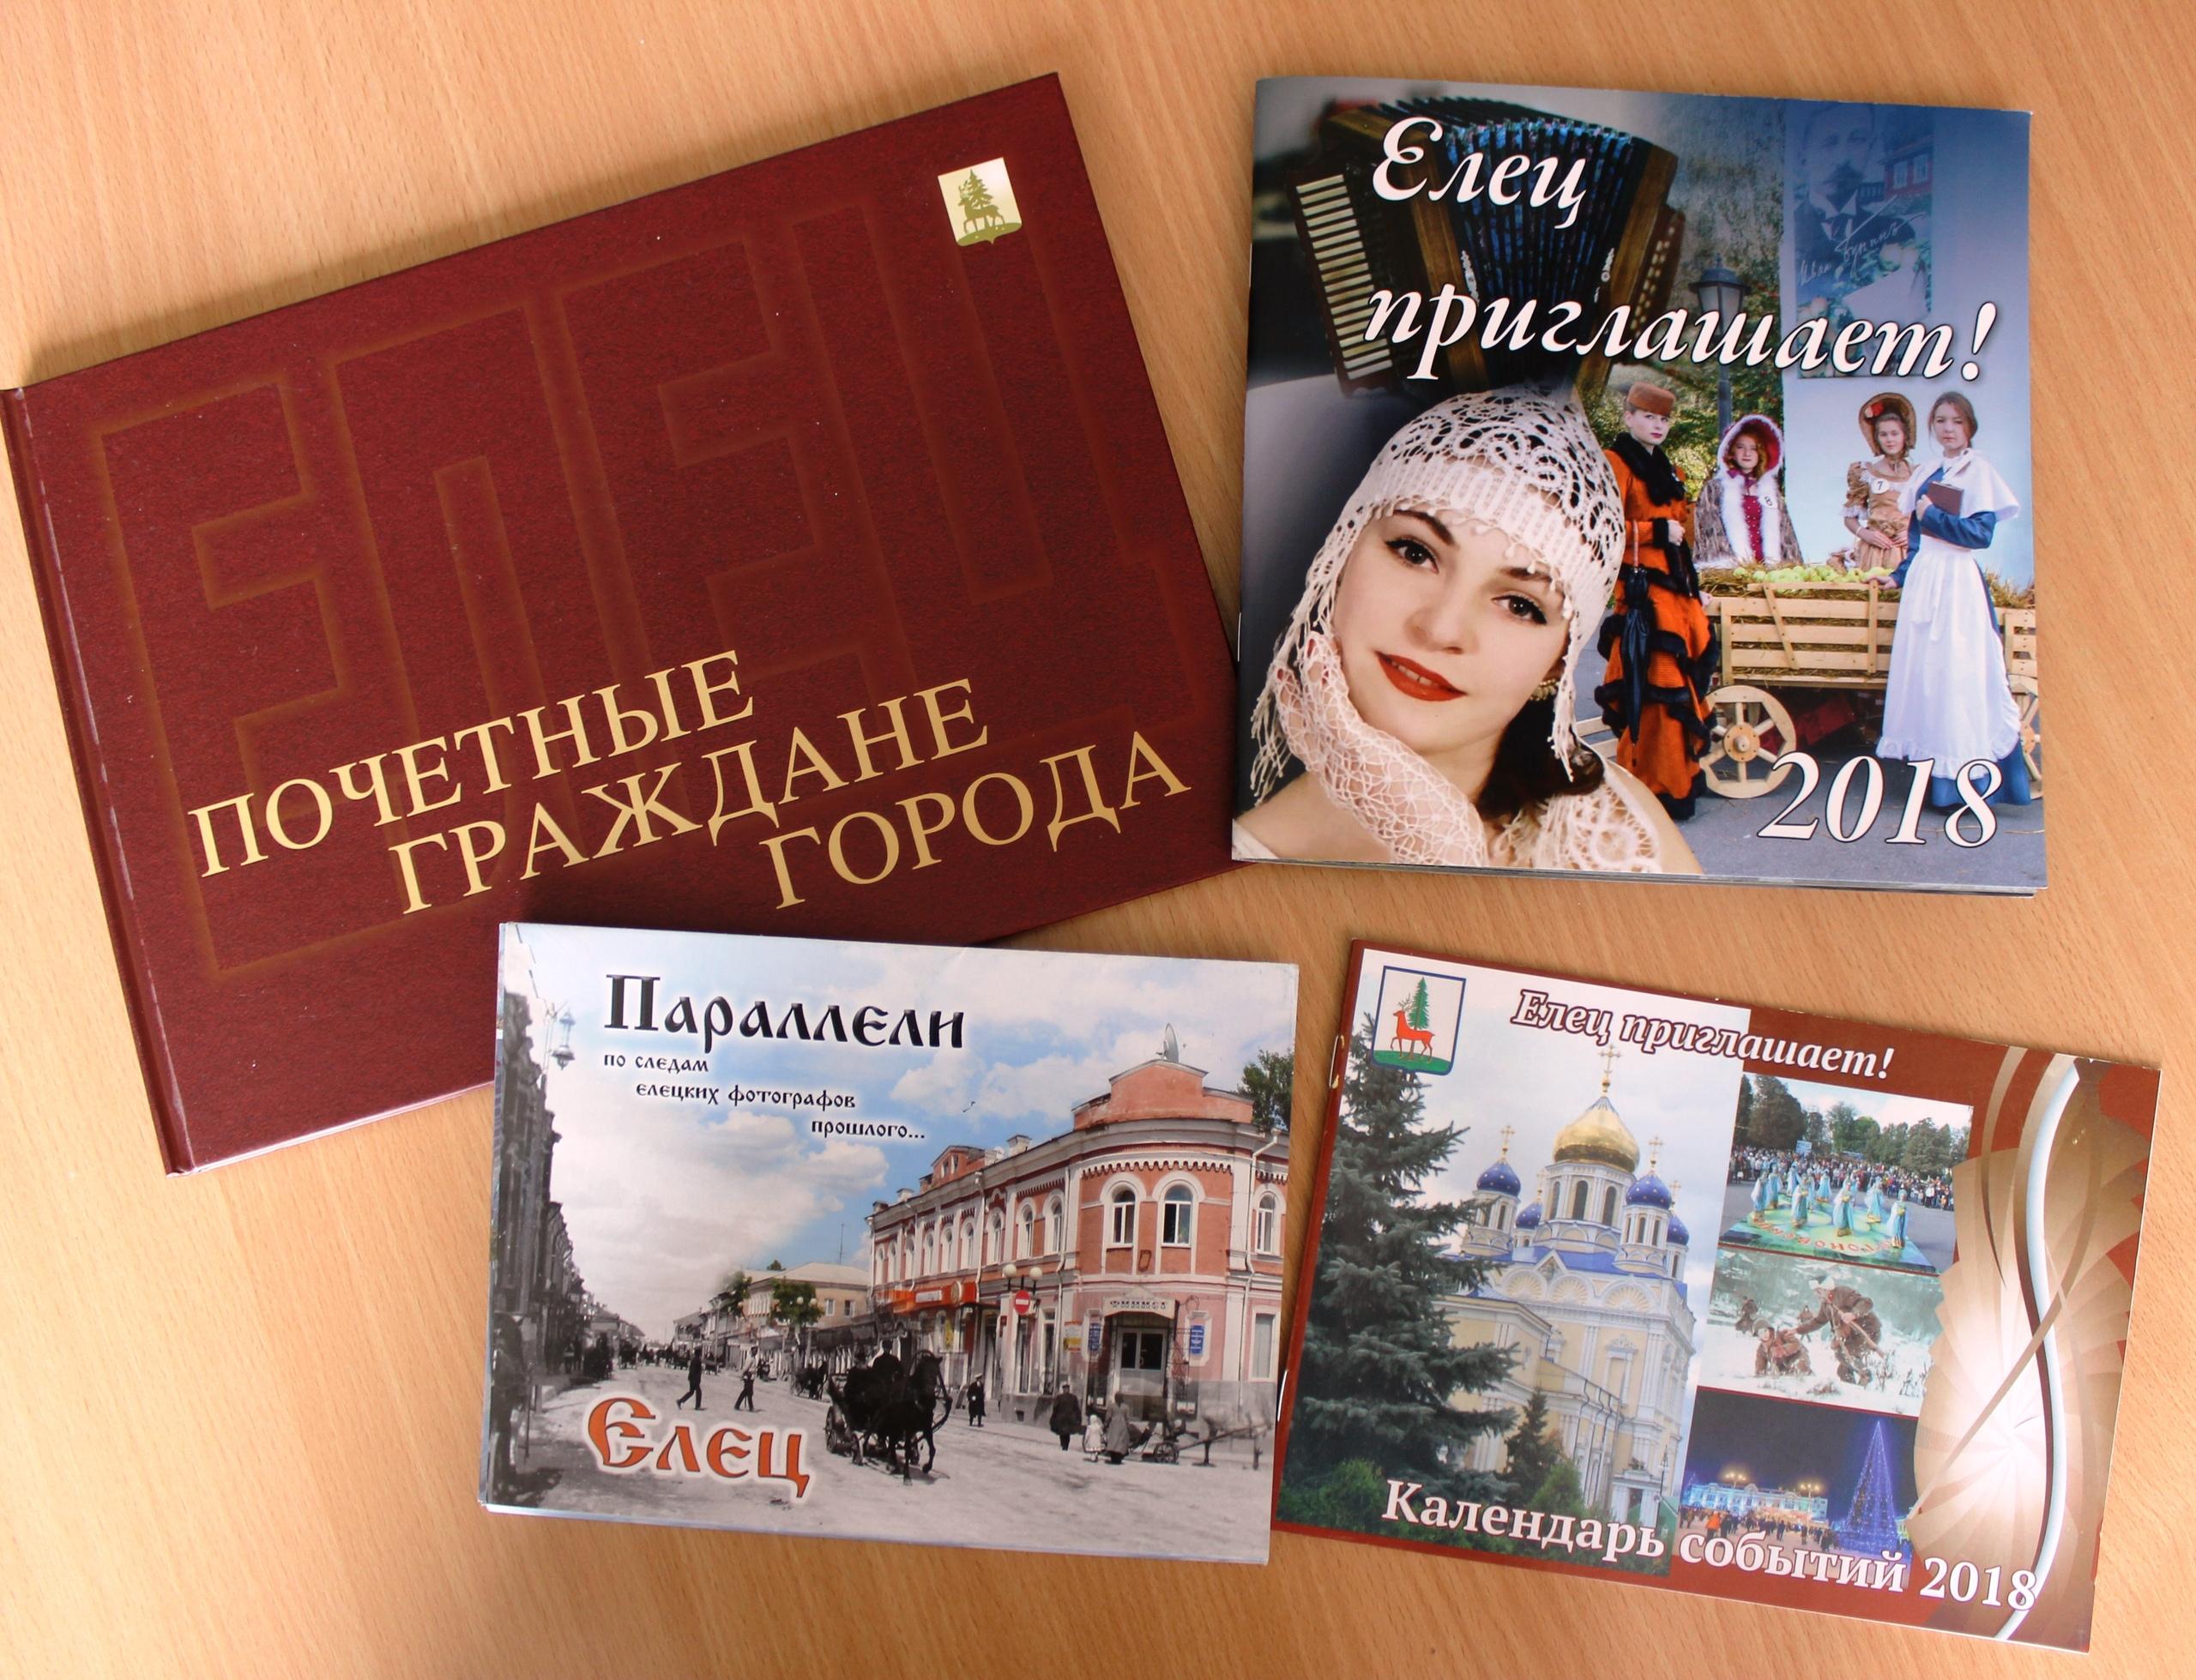 Города-побратимы привезли в Борисов сувениры и обсудили дальнейшее сотрудничество 1